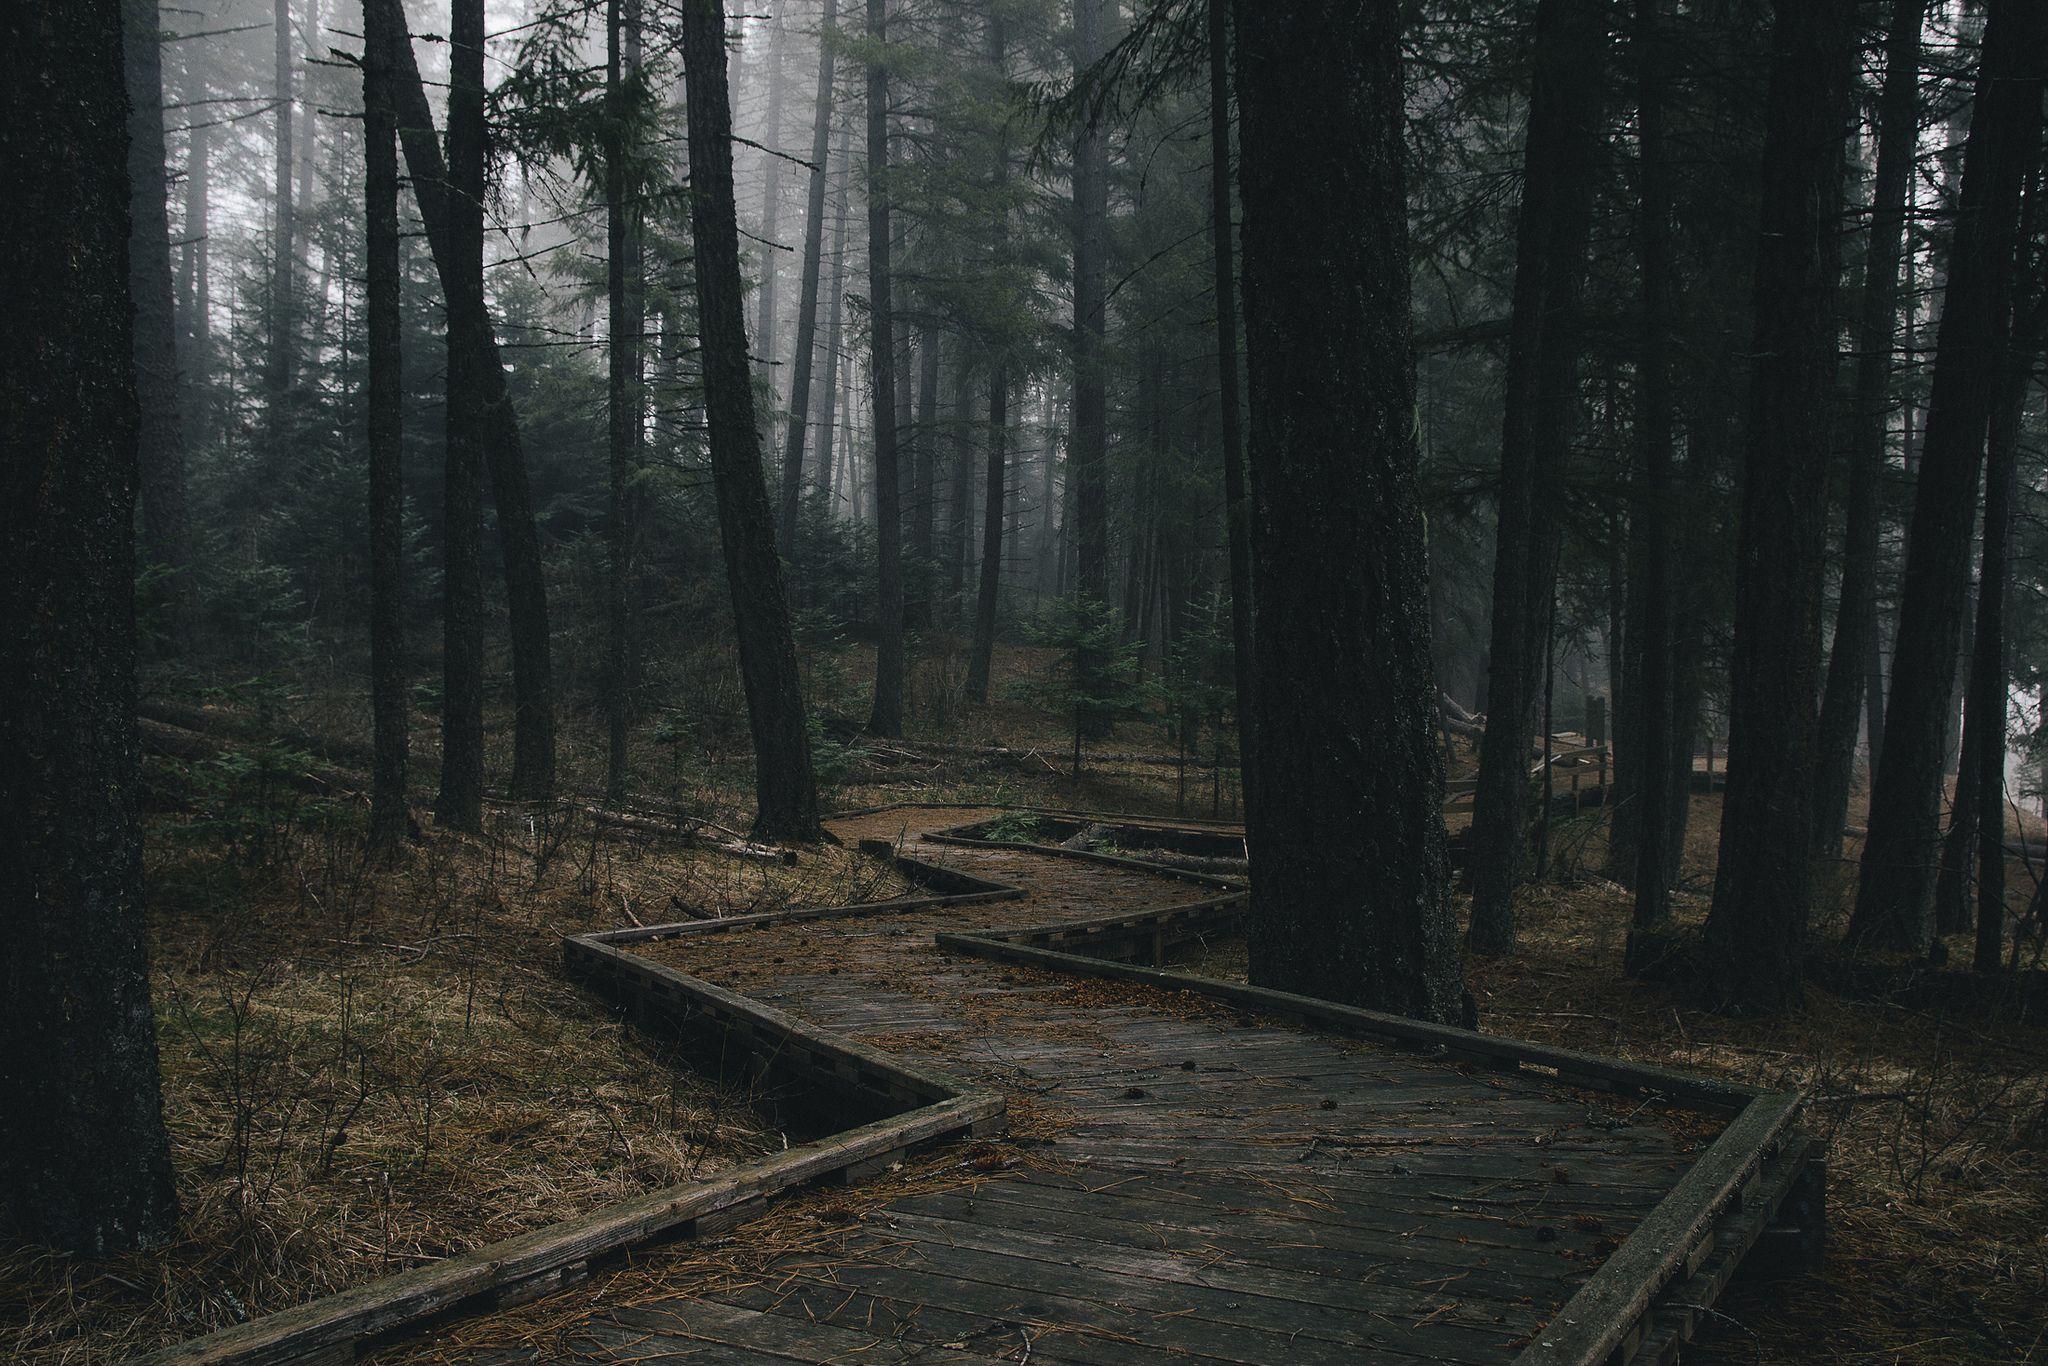 https://flic.kr/p/e8K15W | Mystery... | ...in the Idaho forest. Lightroom + VSCO Film Pack 02